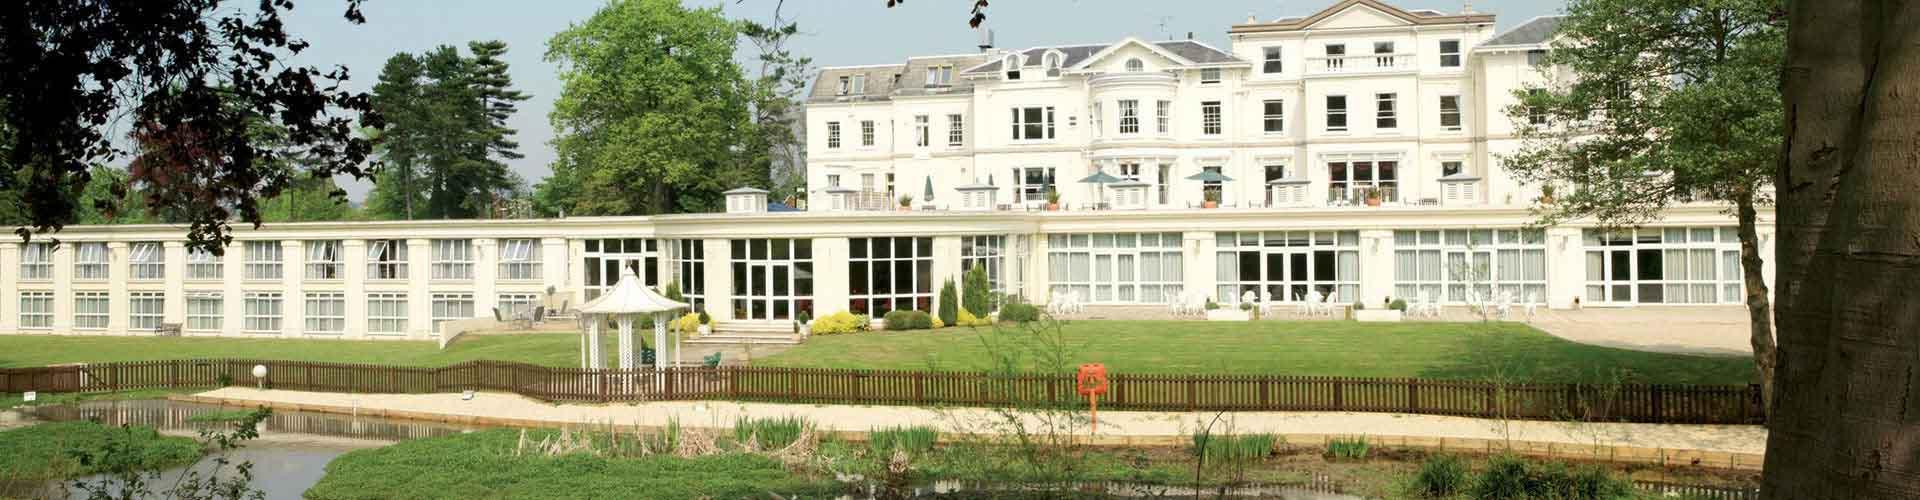 첼튼햄 - 첼튼햄에 있는 호스텔. 첼튼햄의 지도, 첼튼햄에 위치한 호스텔 사진 및 후기 정보.